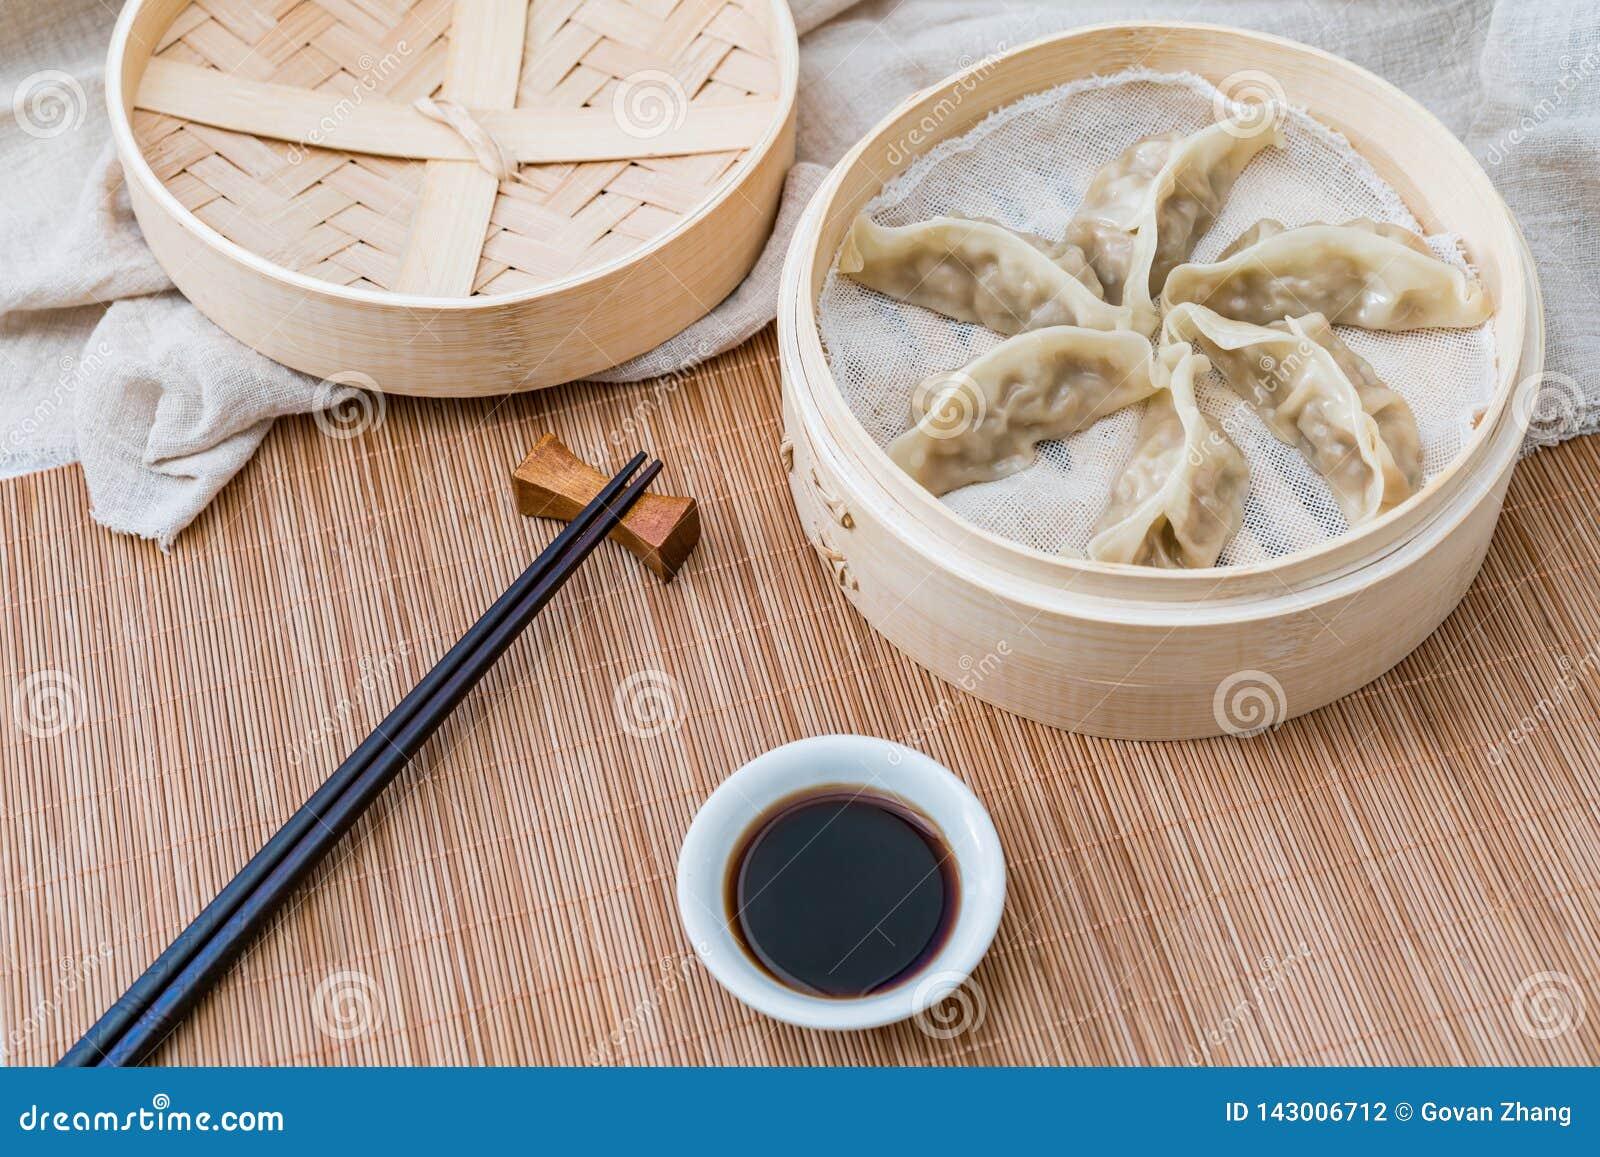 Ein Käfig von gedämpften Mehlklößen, eine traditionelle chinesische Zartheit